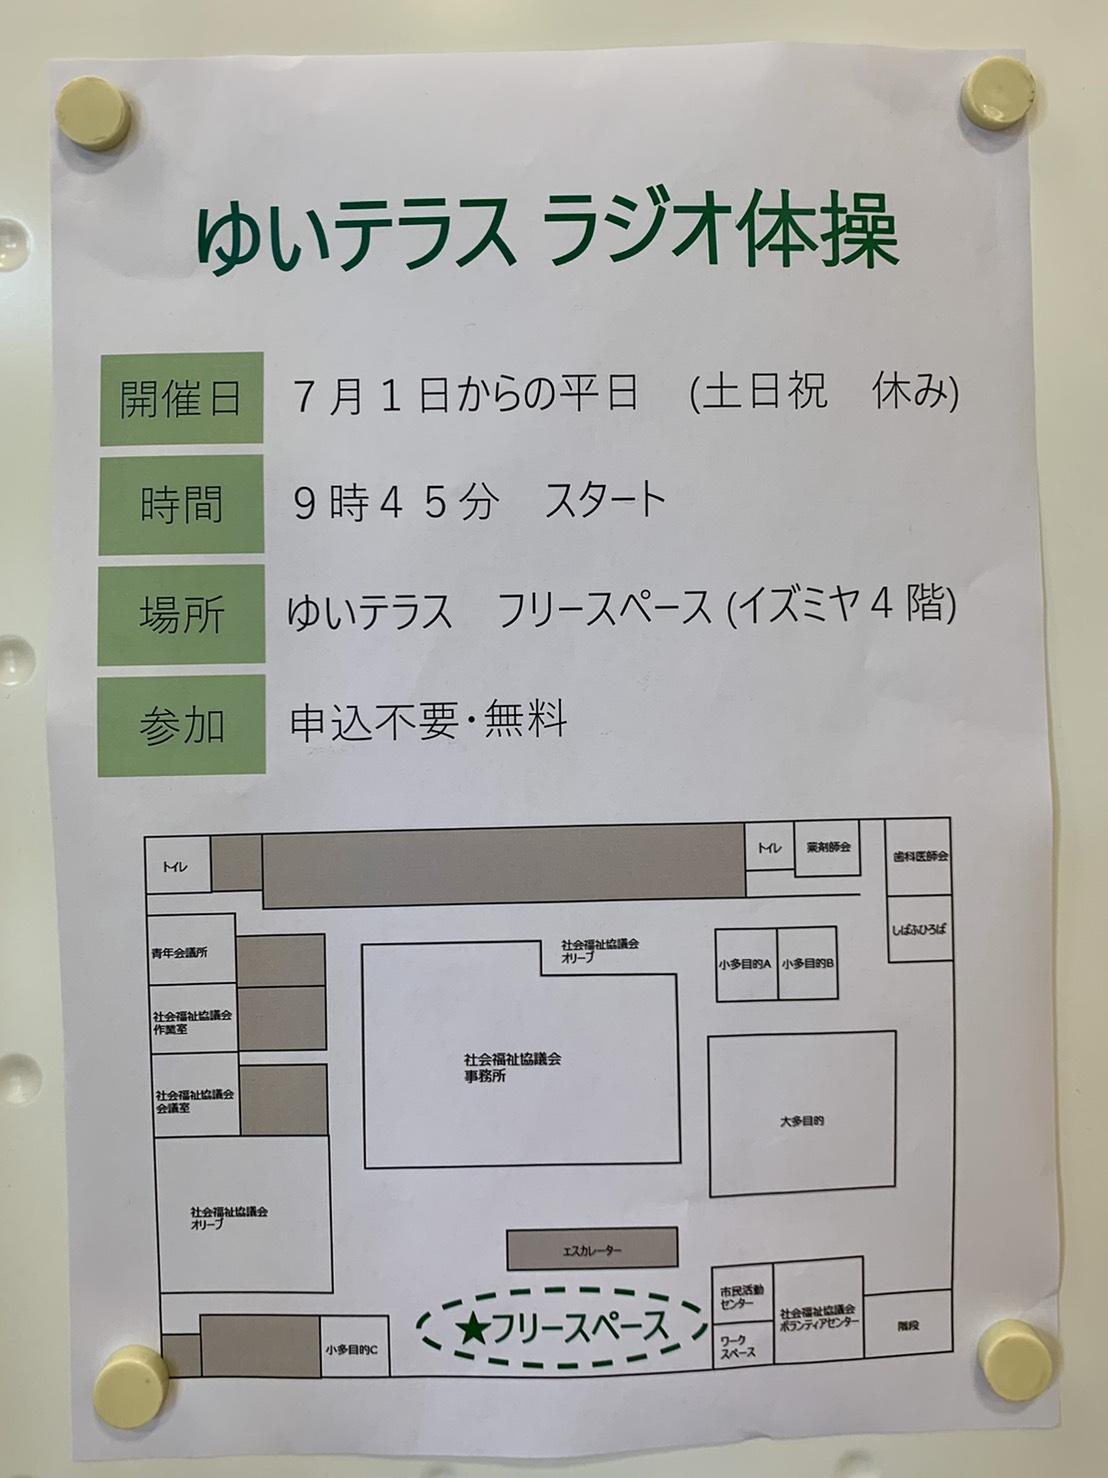 【2021.7/1(木)からスタート♪】河内長野市・イズミヤ4階で『ゆいテラス ラジオ体操』がはじまります~♪申込不要・無料だよ!!: